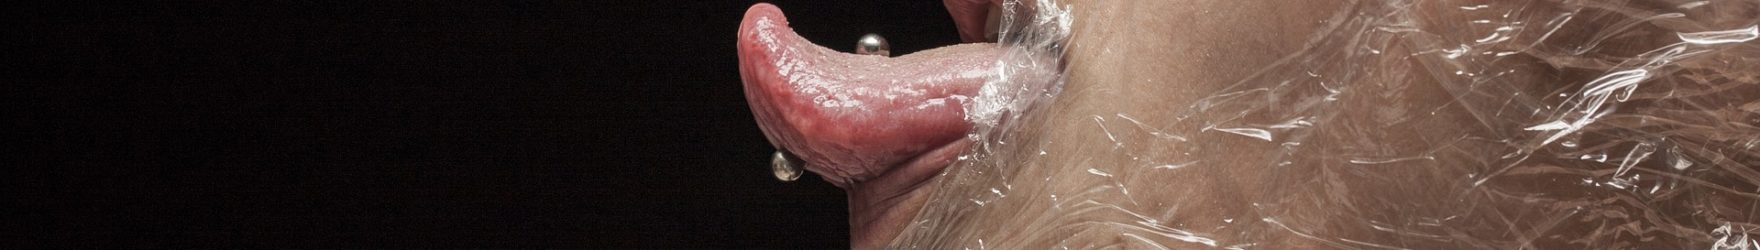 Tecnico qualificato in piercing